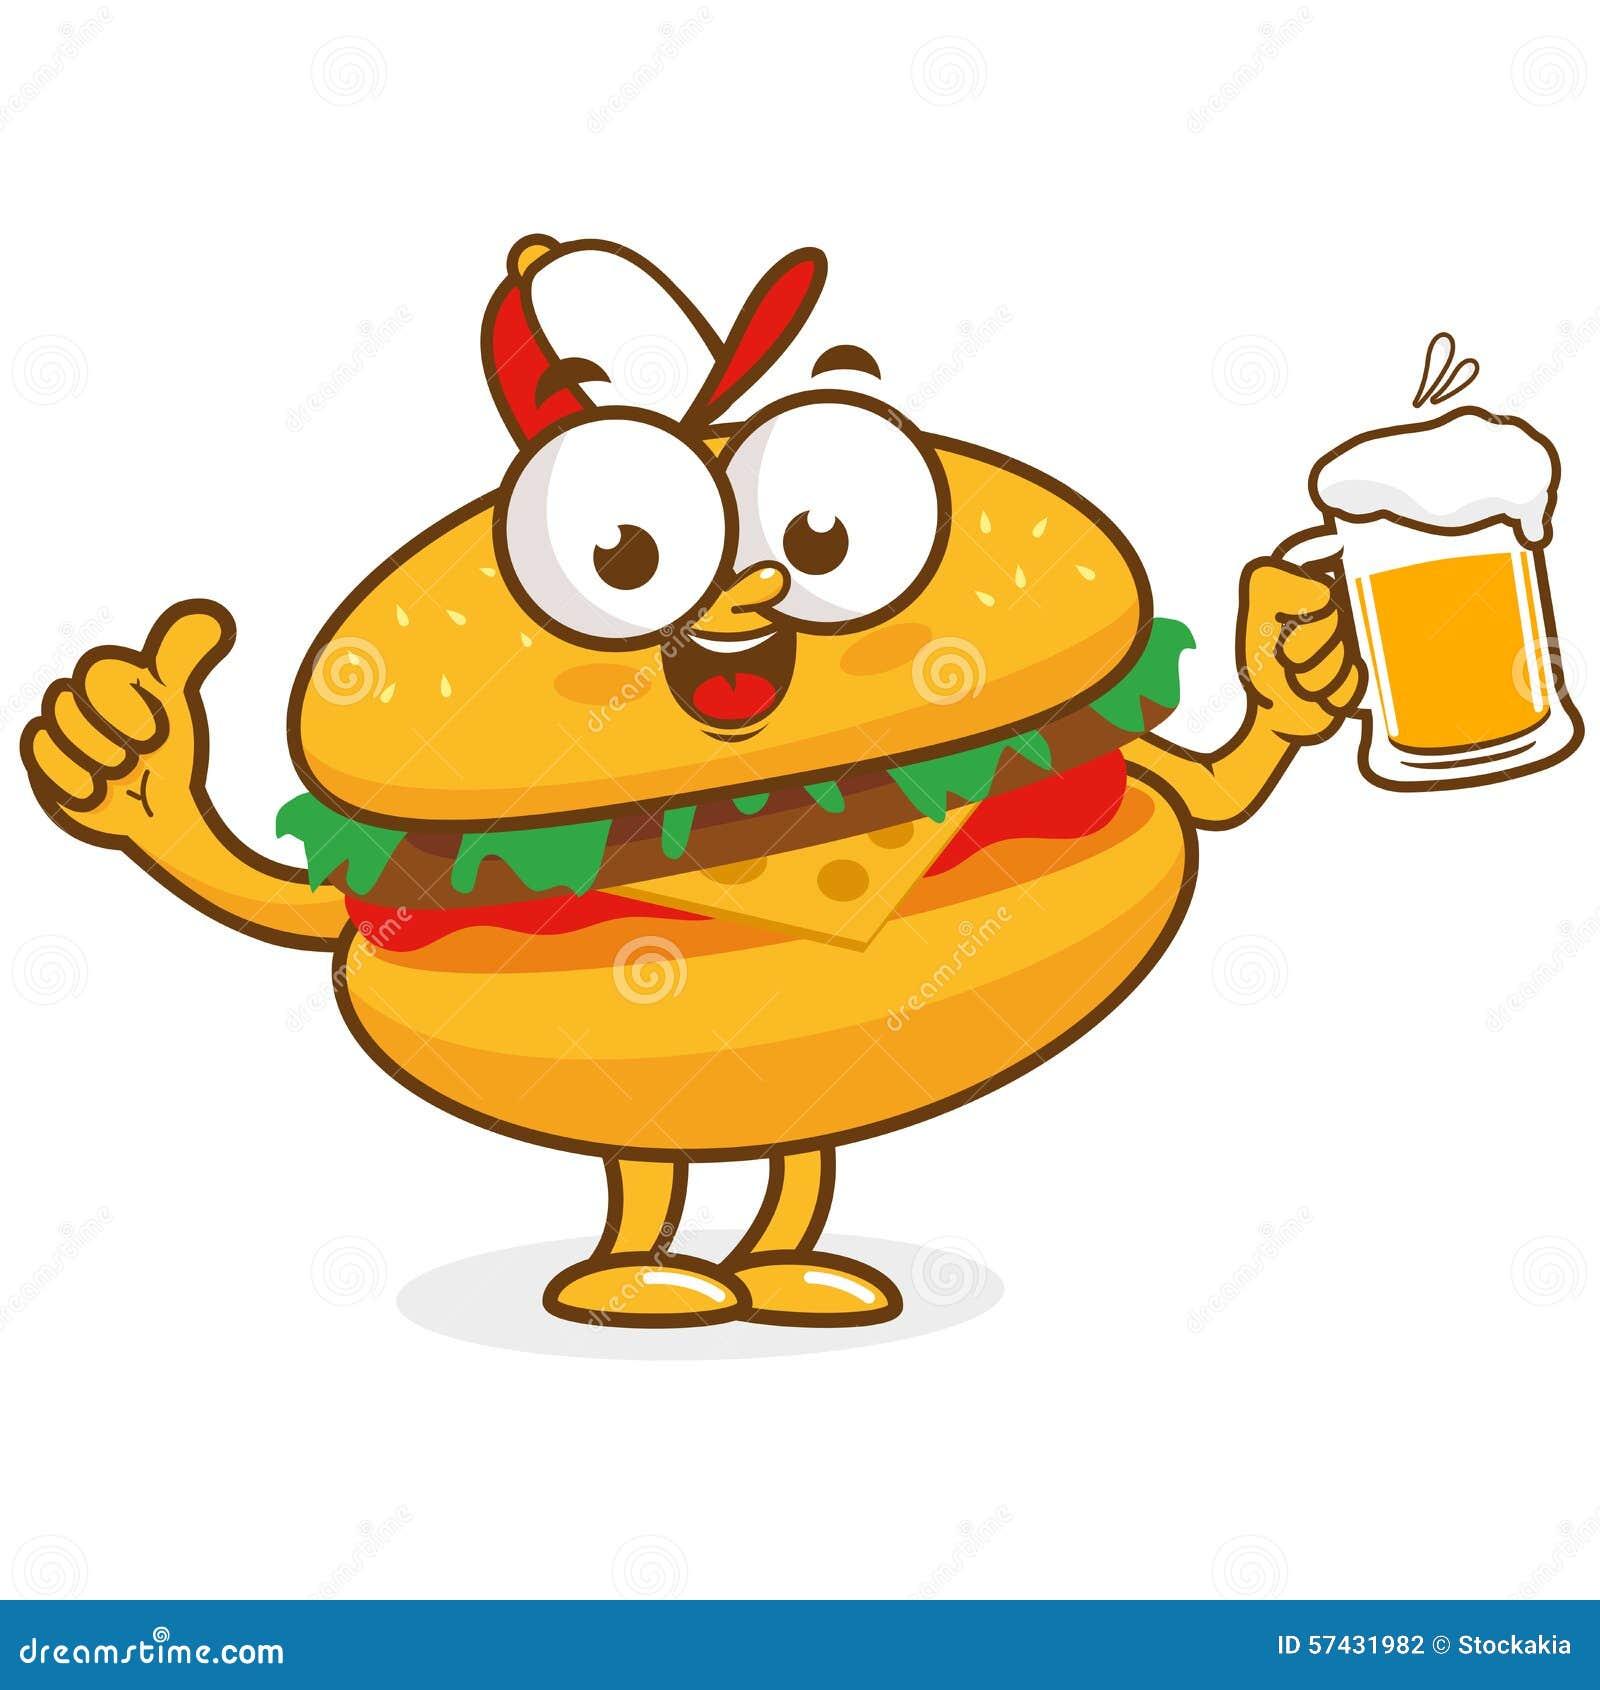 Burger Character Holding Beer Stock Vector - Image: 57431982 Hamburger And Hot Dog Clip Art